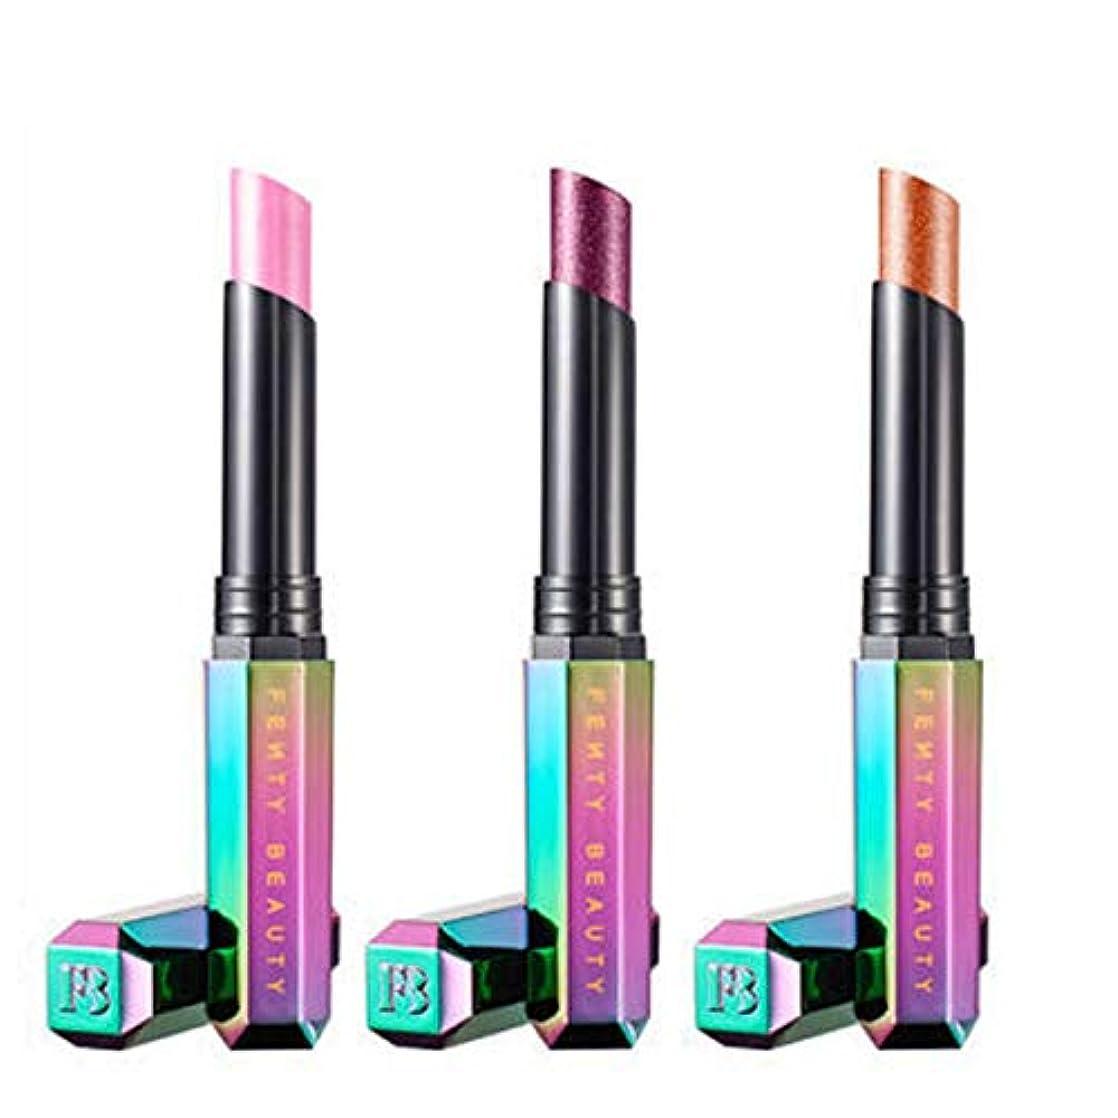 め言葉恋人加害者FENTY BEAUTY BY RIHANNA 限定版 STARLIT LIP TRIO STARLIT Hyper-Glitz Lipstick 3/Set [海外直送品] [並行輸入品]